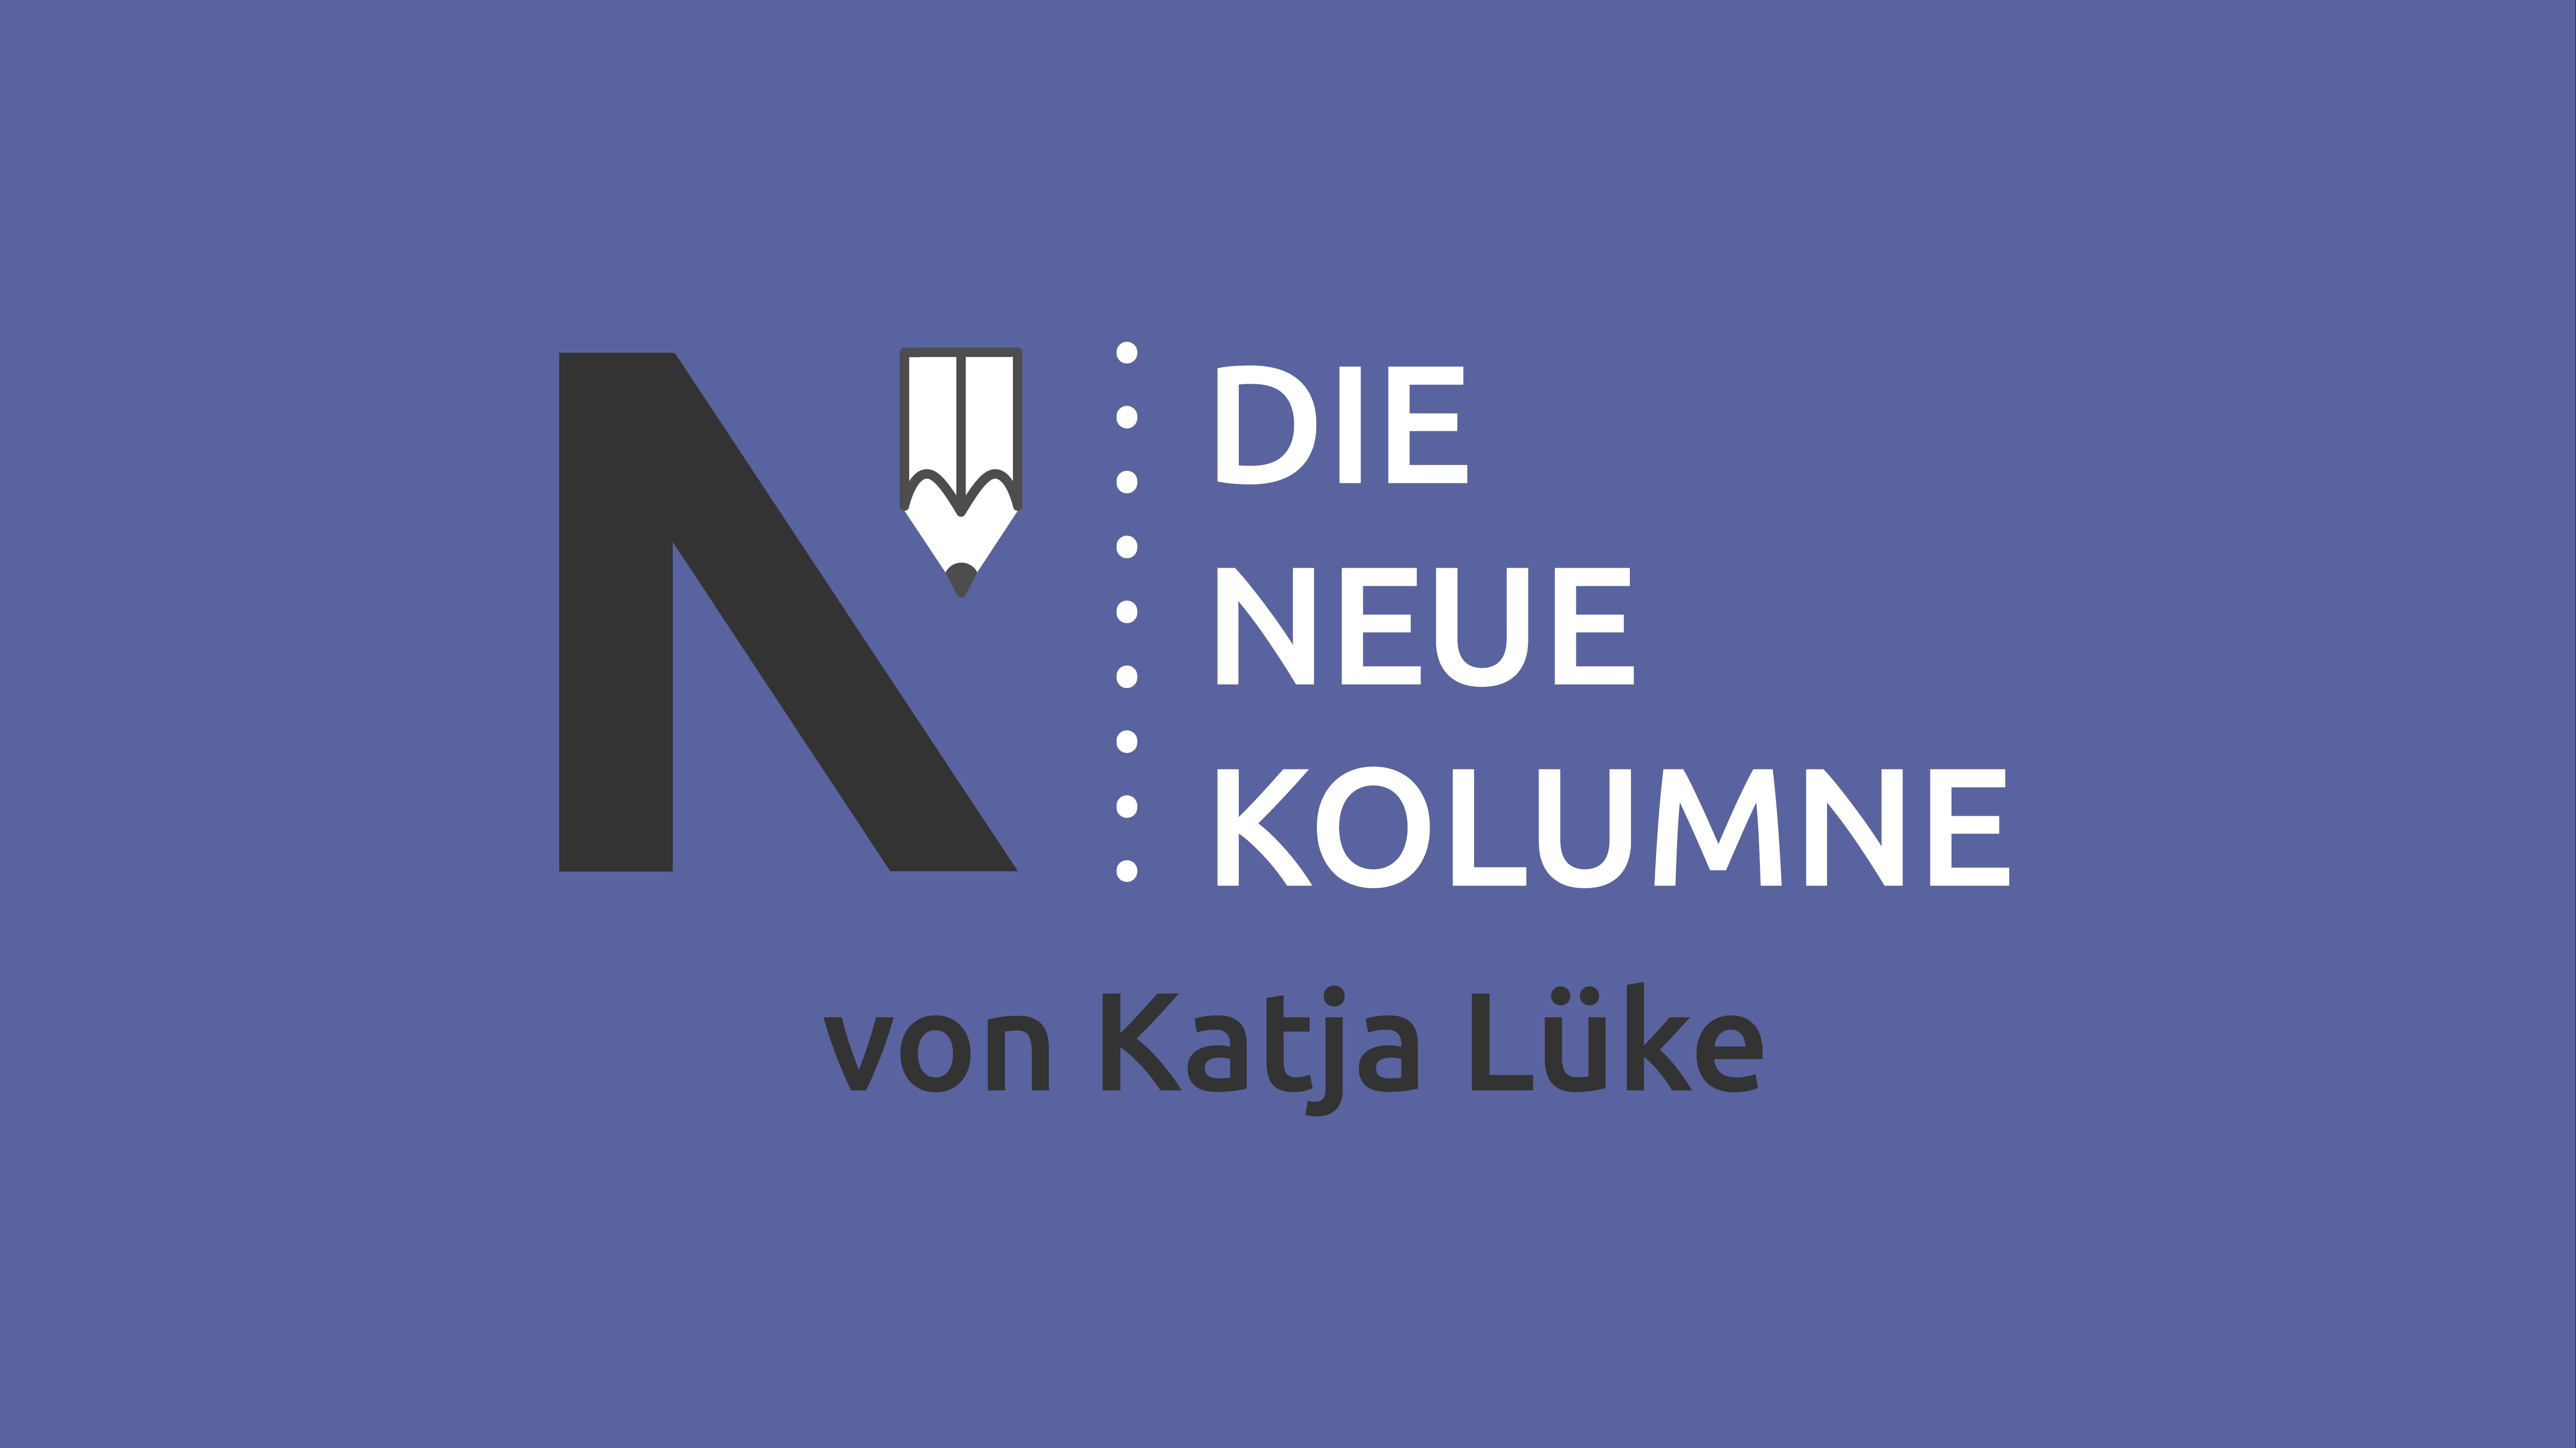 Das Logo von Die Neue Norm auf blauem Grund. Rechts davon steht: Die Neue Kolumne. Unten steht: Von Katja Lüke.